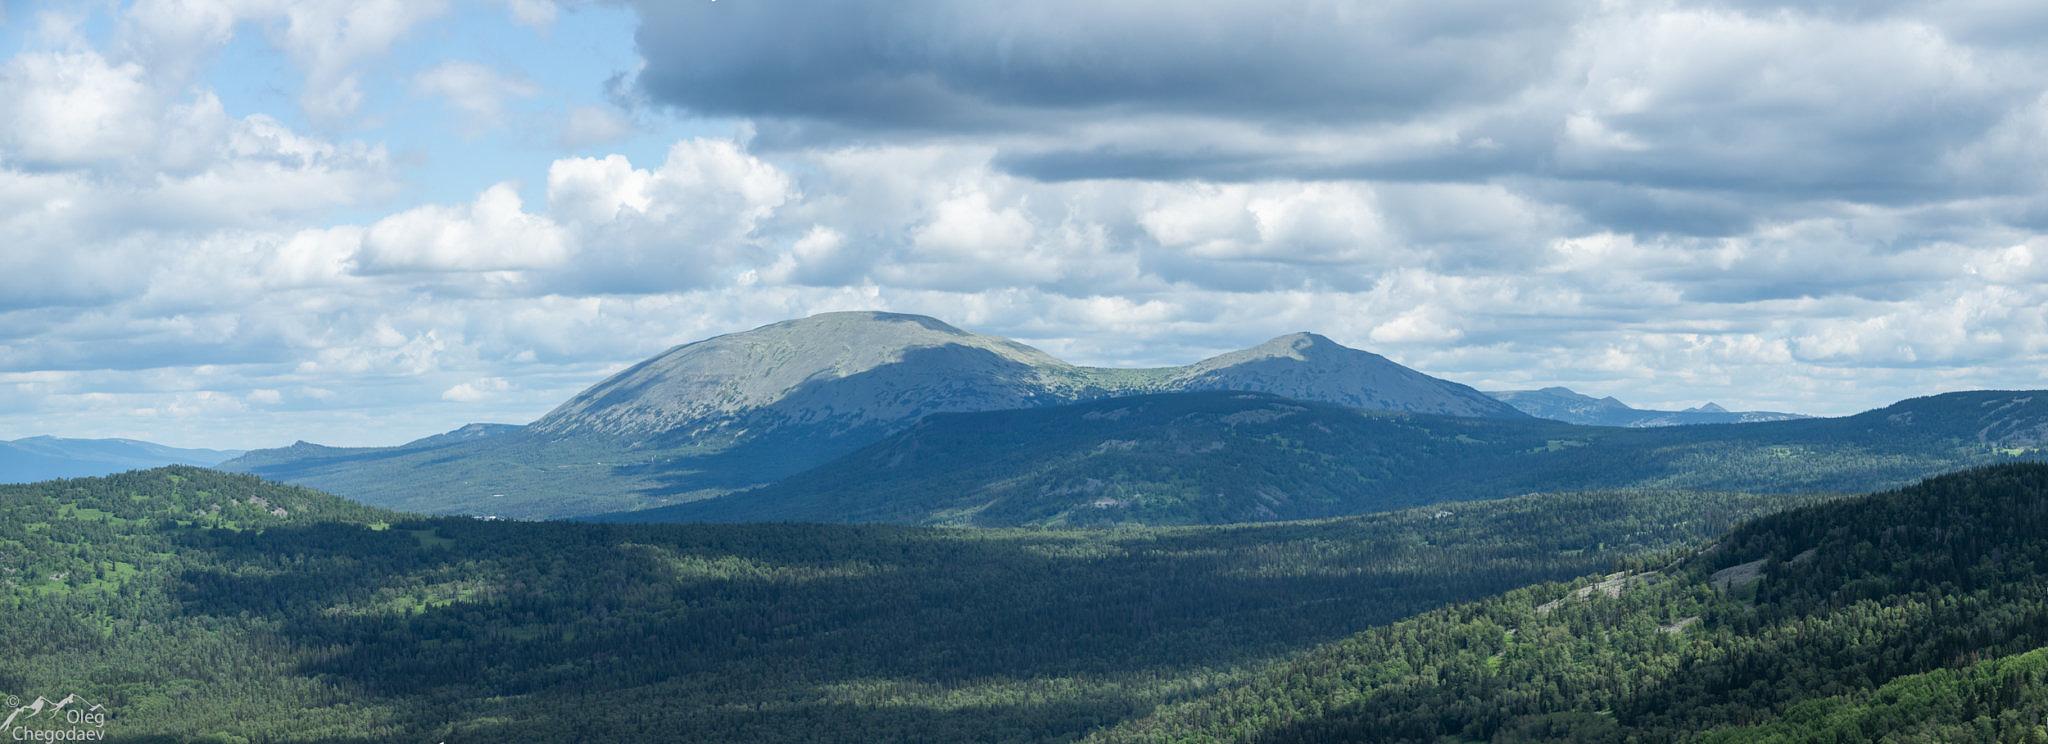 Вид на гору Ямантау с горы Караташ (хр. Юша)